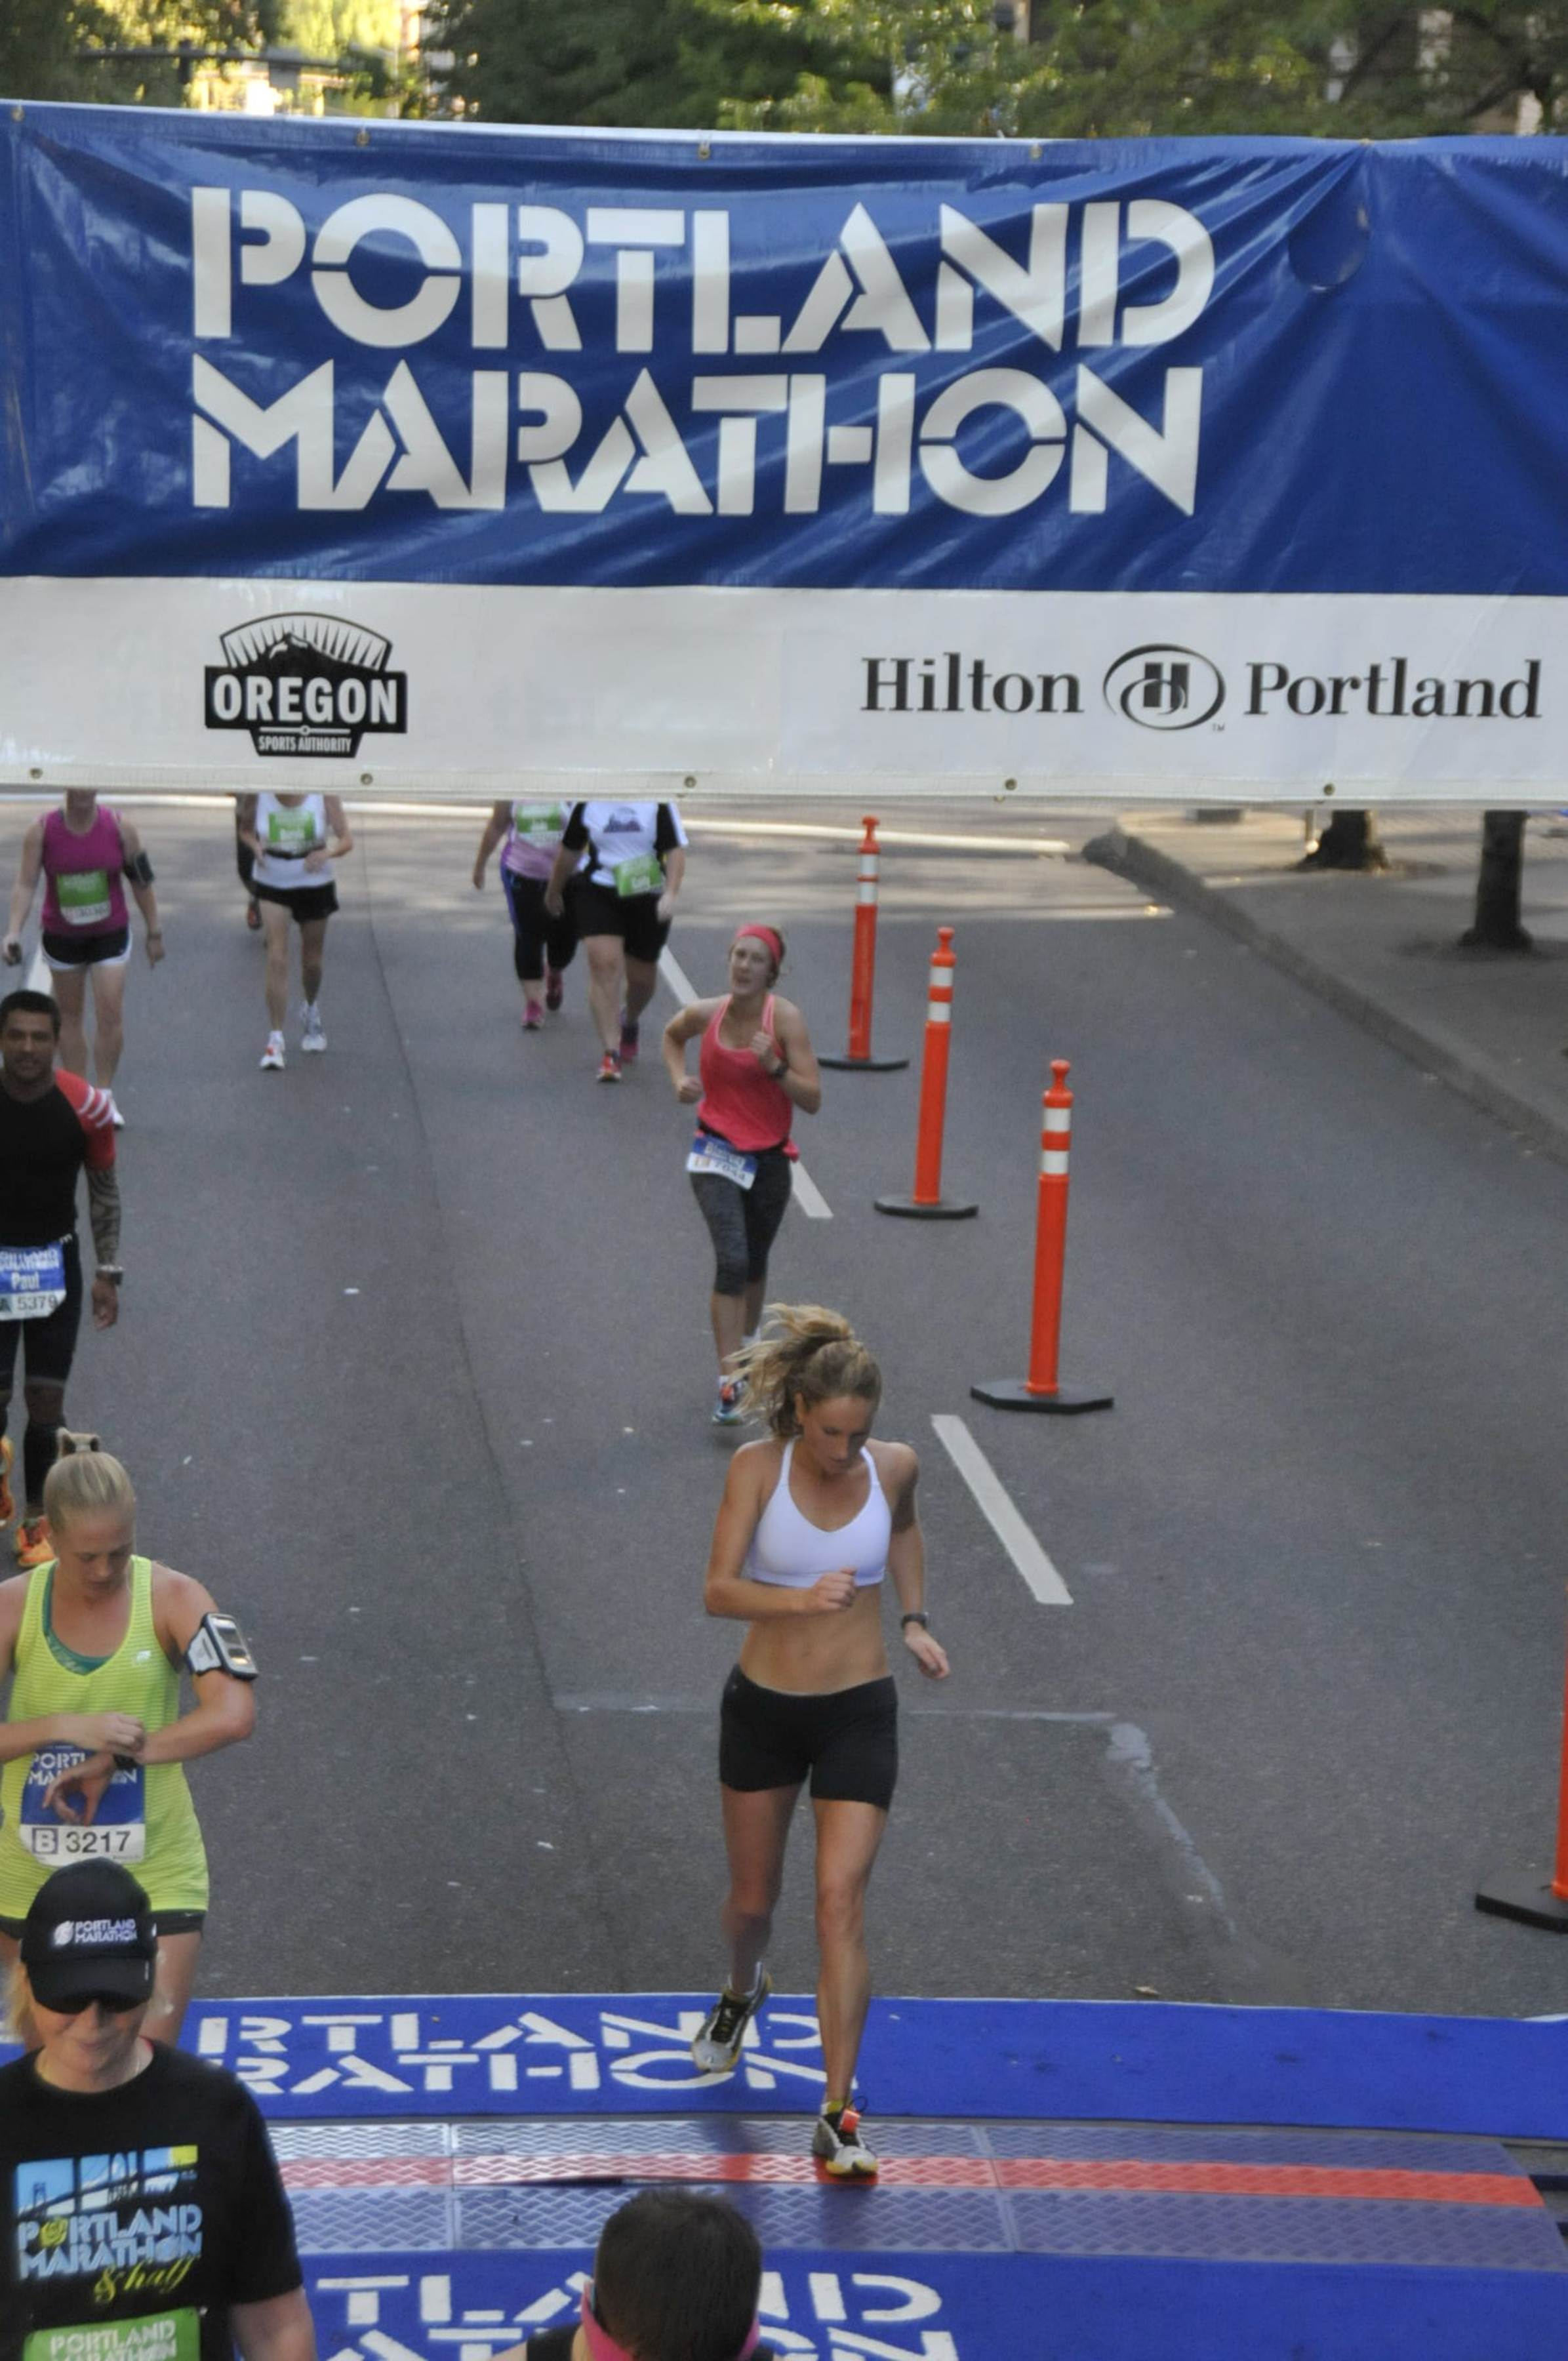 Lulu finishing strong at the Portland Marathon.